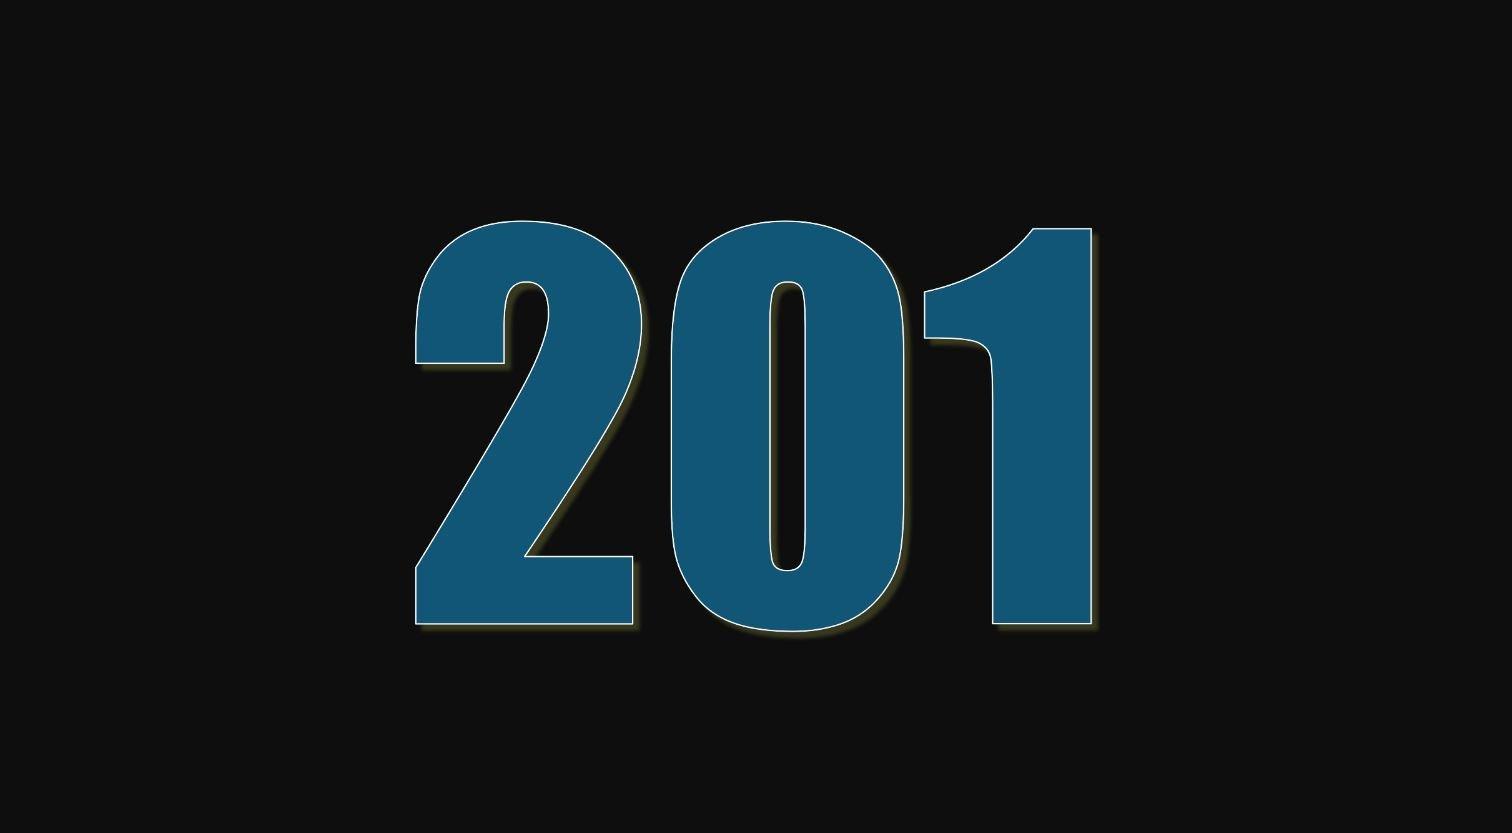 Significado do número 201